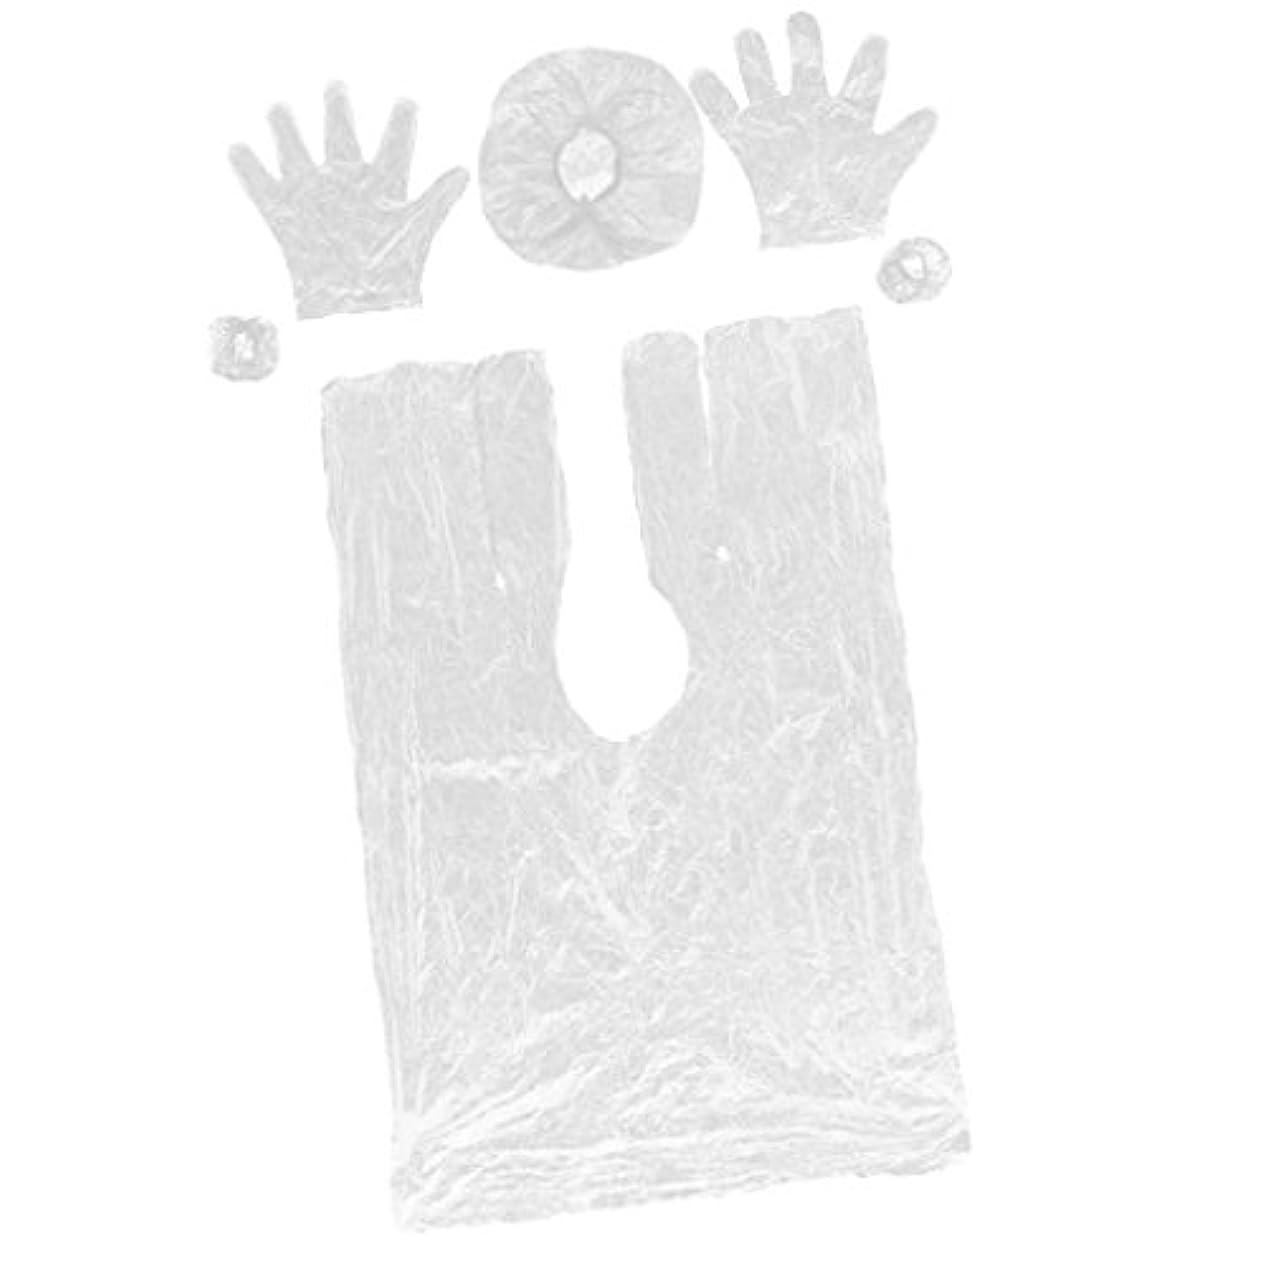 贅沢なライトニング豪華な使い捨て ヘアケア サロン プロ 自宅用 弾性キャップ サロンケープ 手袋 耳栓 プラスチック製